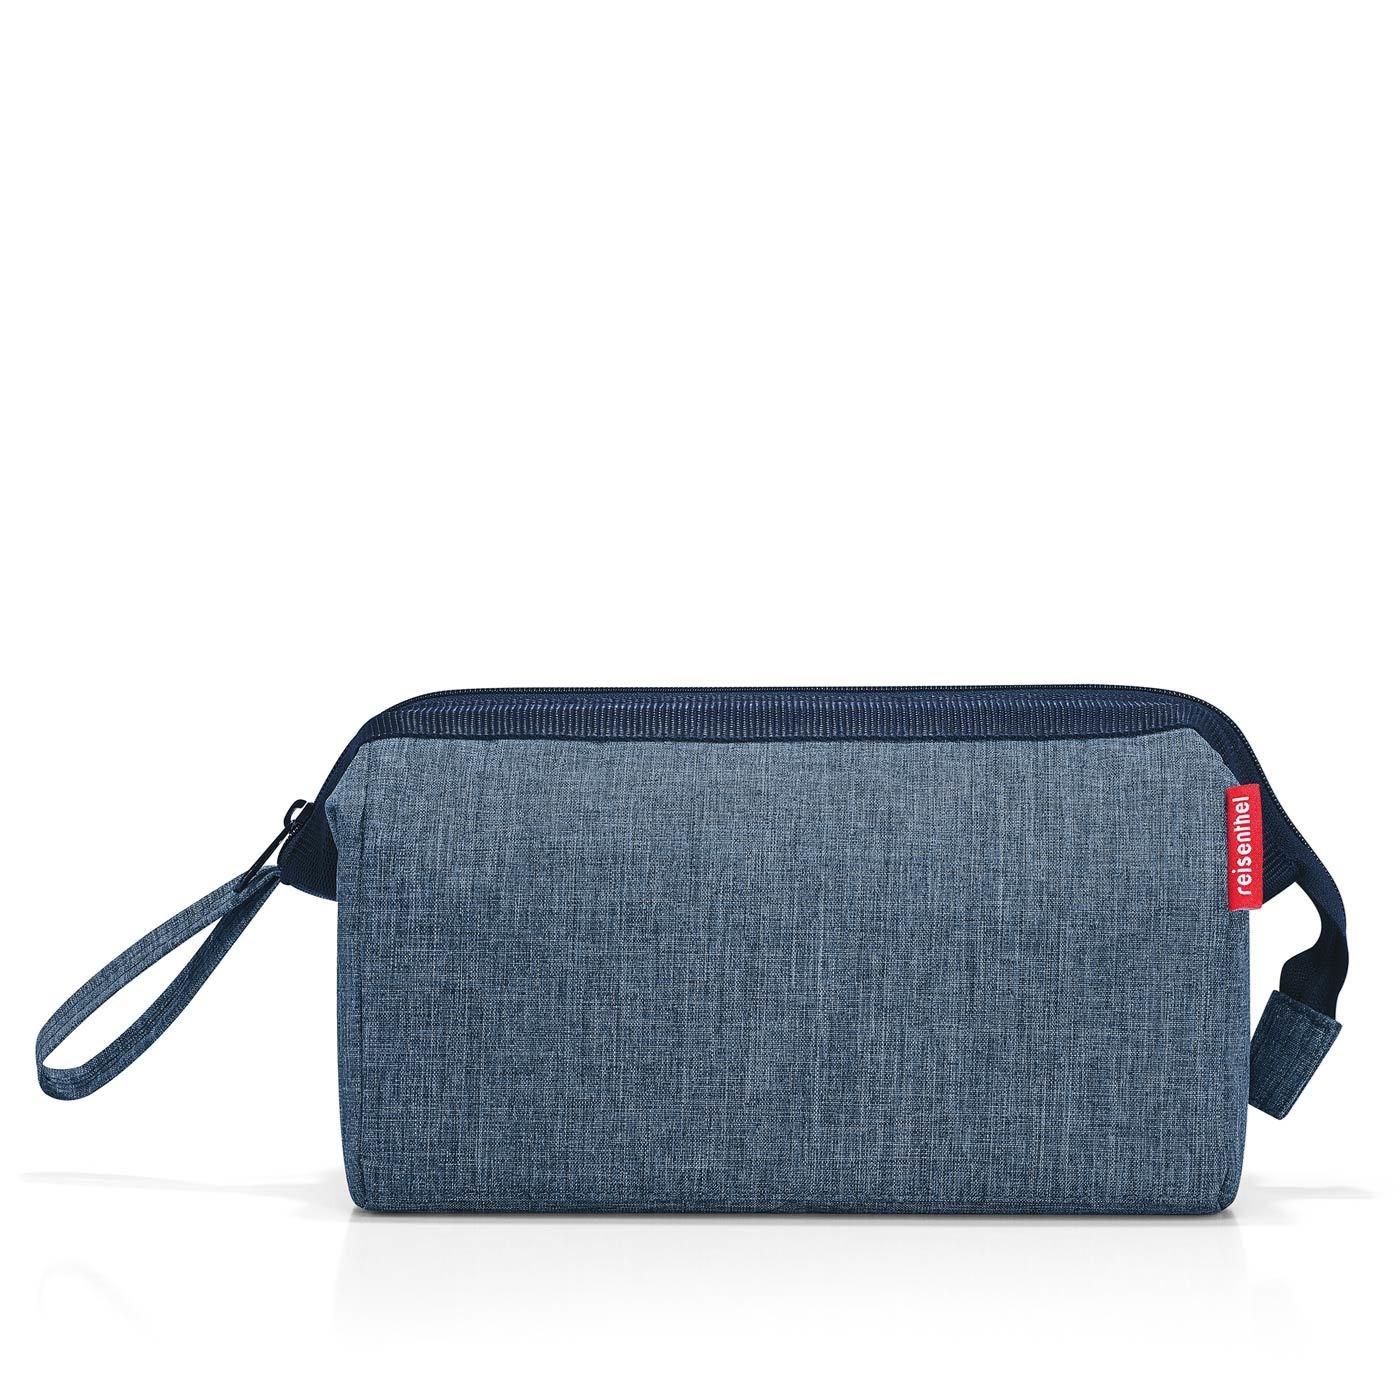 Kosmetická taška Travelcosmetic twist blue_1